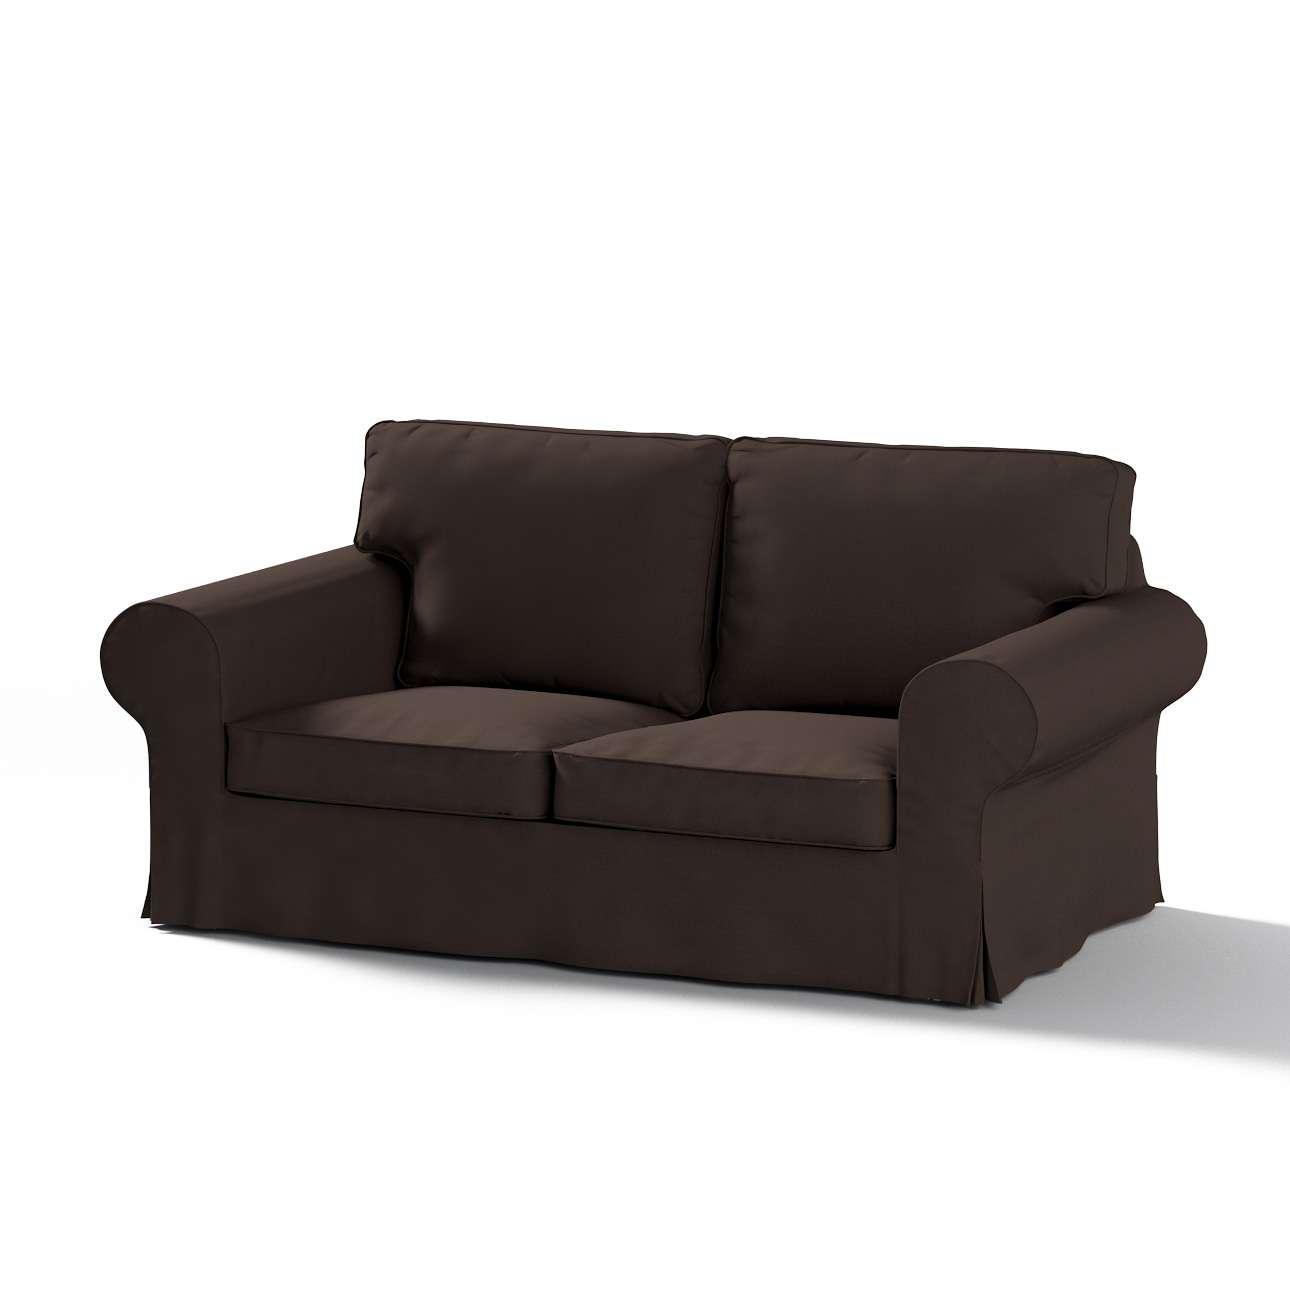 Pokrowiec na sofę Ektorp 2-osobową rozkładana NOWY MODEL 2012 sofa ektorp 2-osobowa rozkładana NOWY MODEL w kolekcji Cotton Panama, tkanina: 702-03